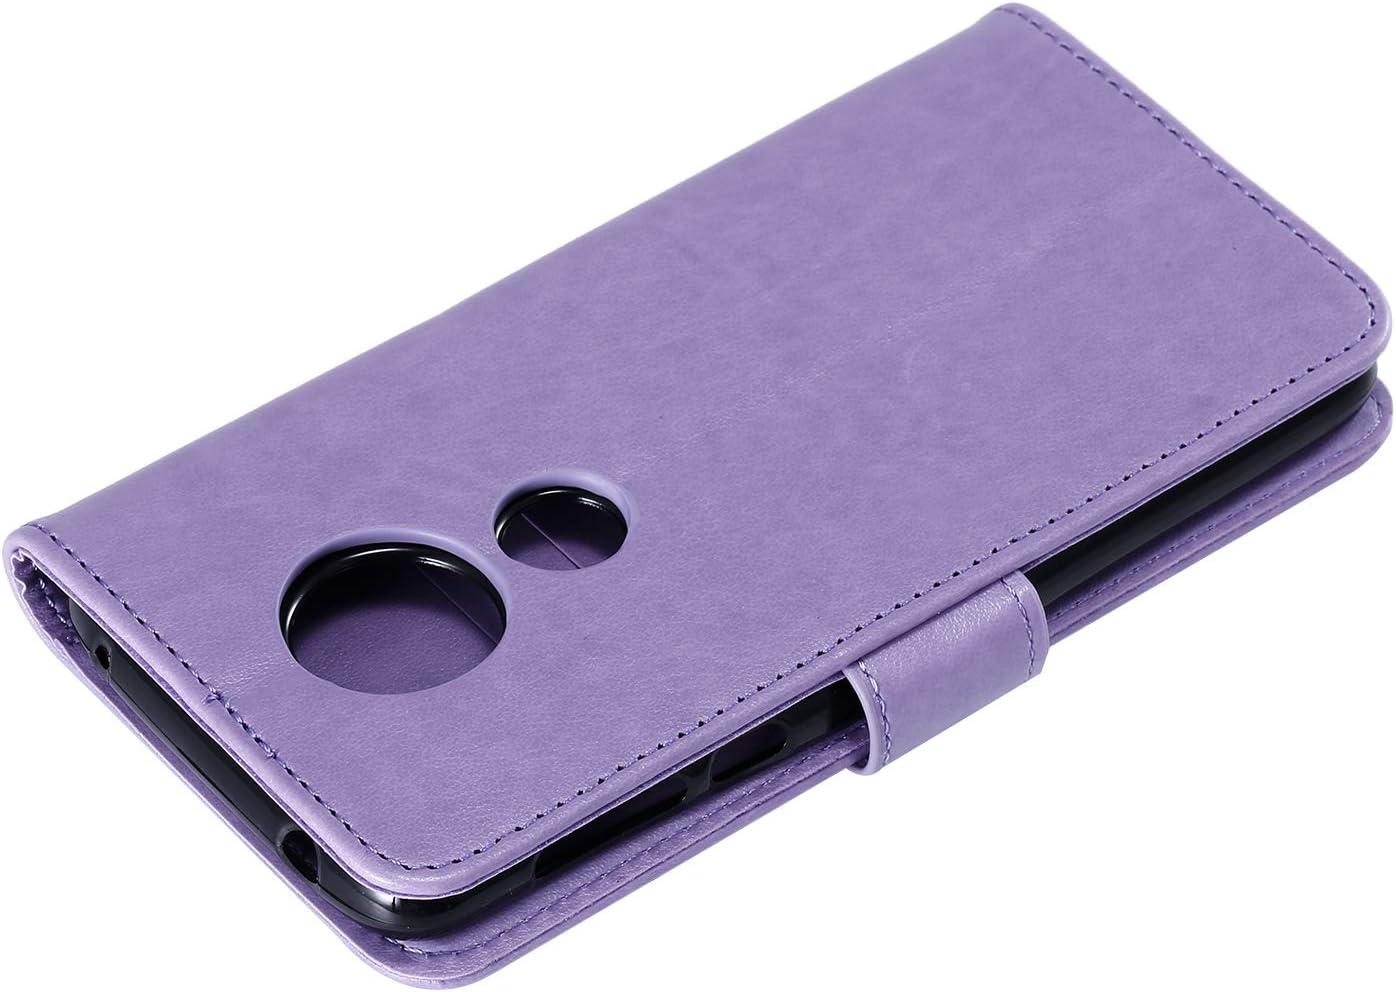 Lomogo Moto G6Play//Moto E5 H/ülle Leder Schutzh/ülle Brieftasche mit Kartenfach Klappbar Magnetisch Sto/ßfest Handyh/ülle Case f/ür Motorola Moto G6 Play LOHHA130521 Blau